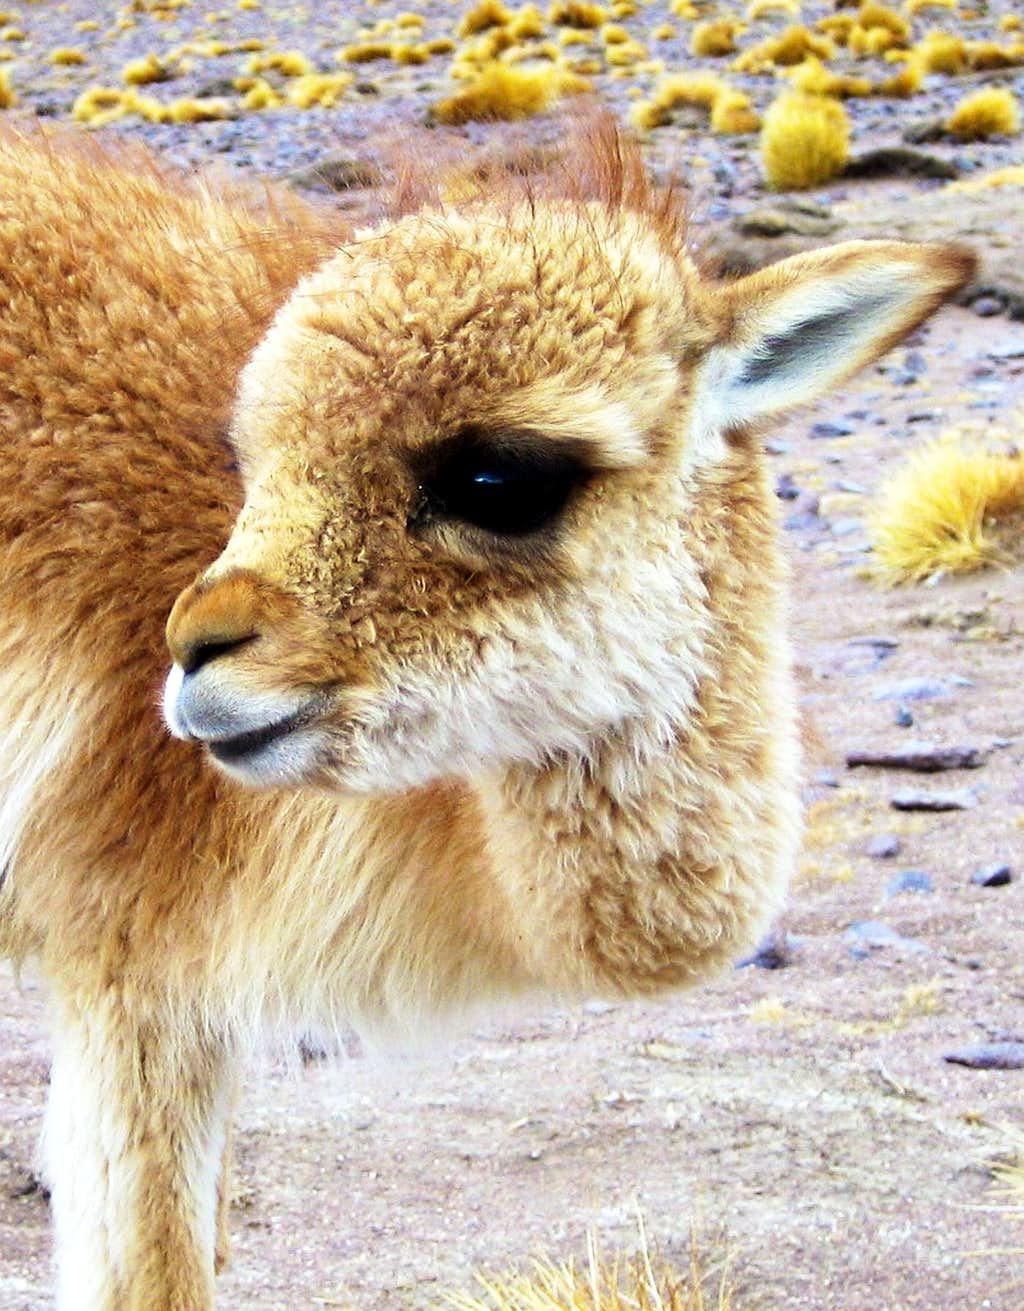 What's cuter than a llama?